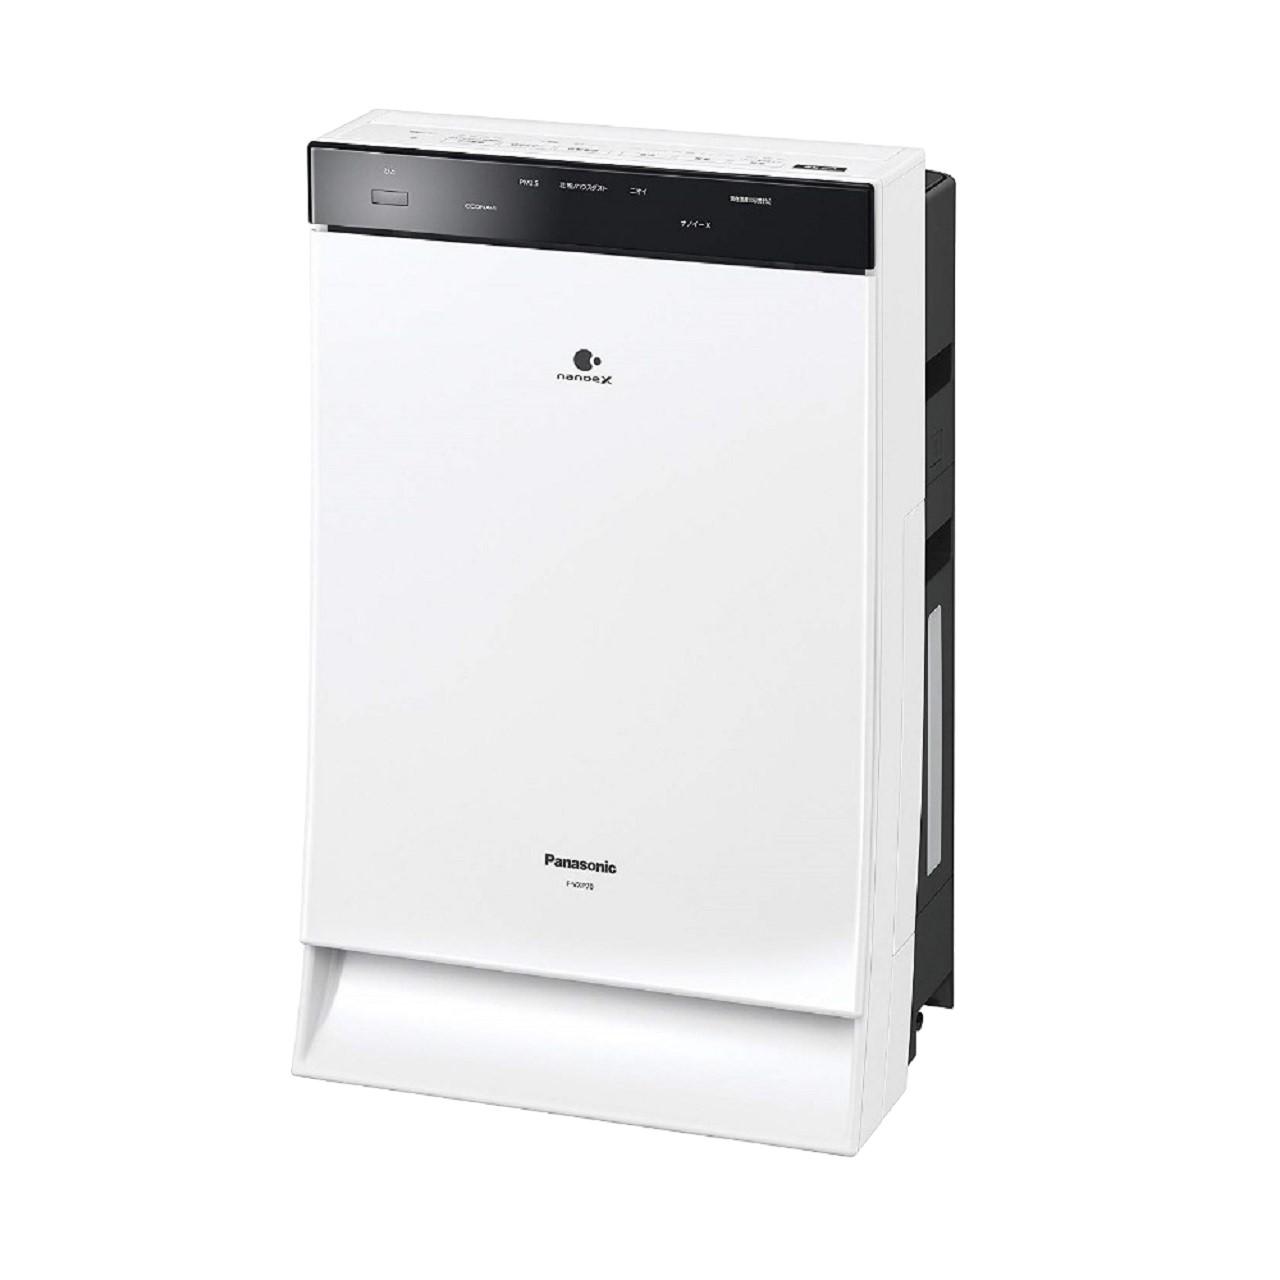 パナソニックF-VXP70加湿空気清浄機